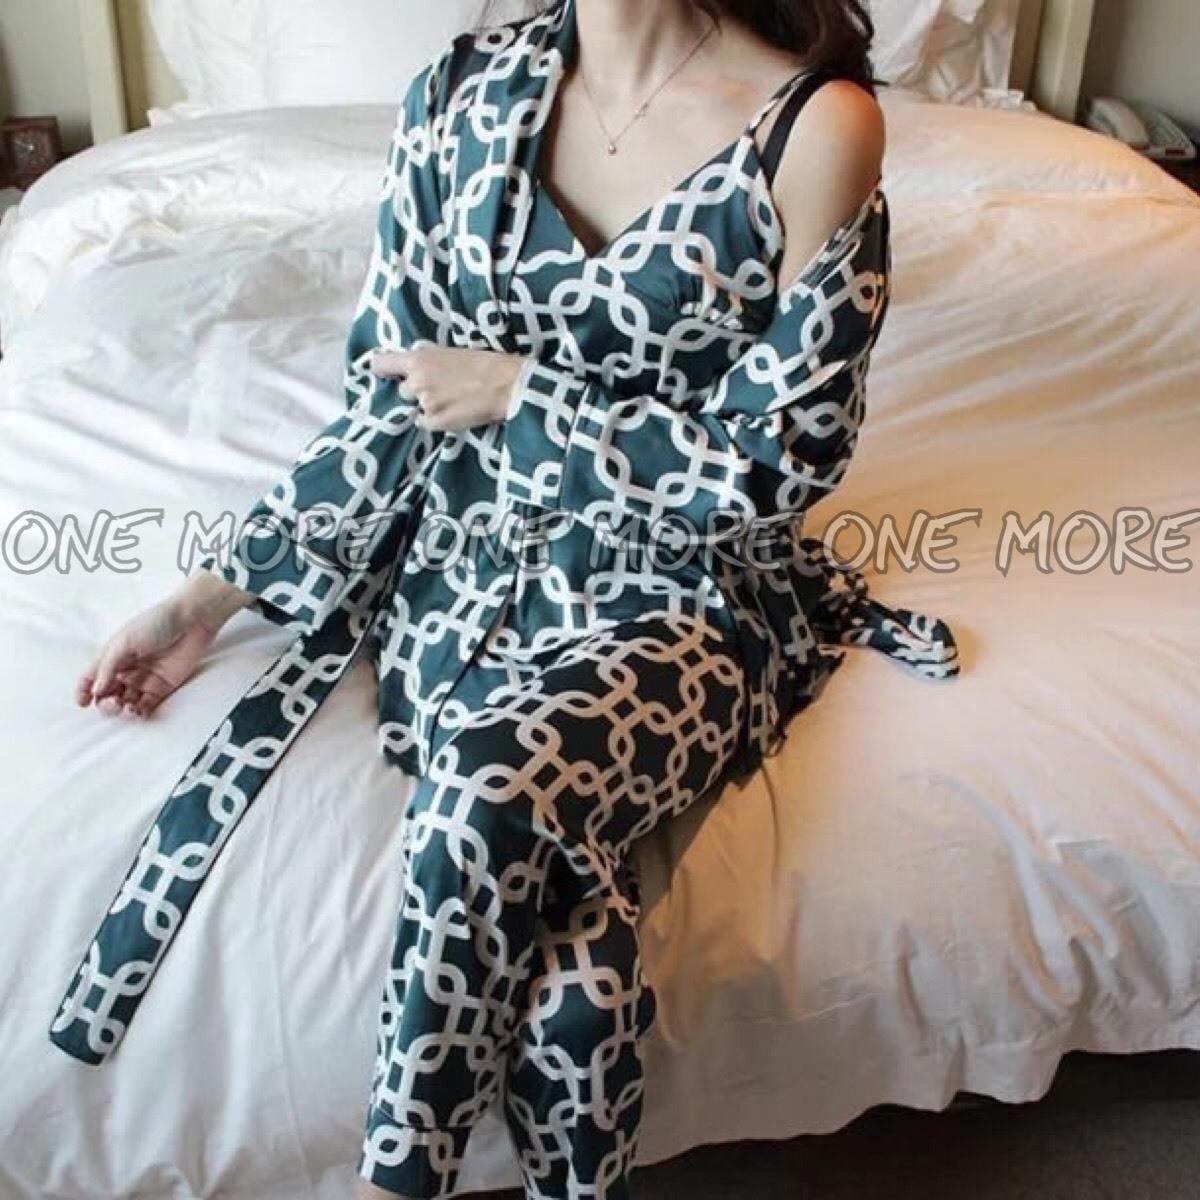 ชุดนอน3ชิ้น เสื้อสายเดี่ยว + เสื้อคลุมแขนยาว + กางเกง + ผ้าผูกเอว